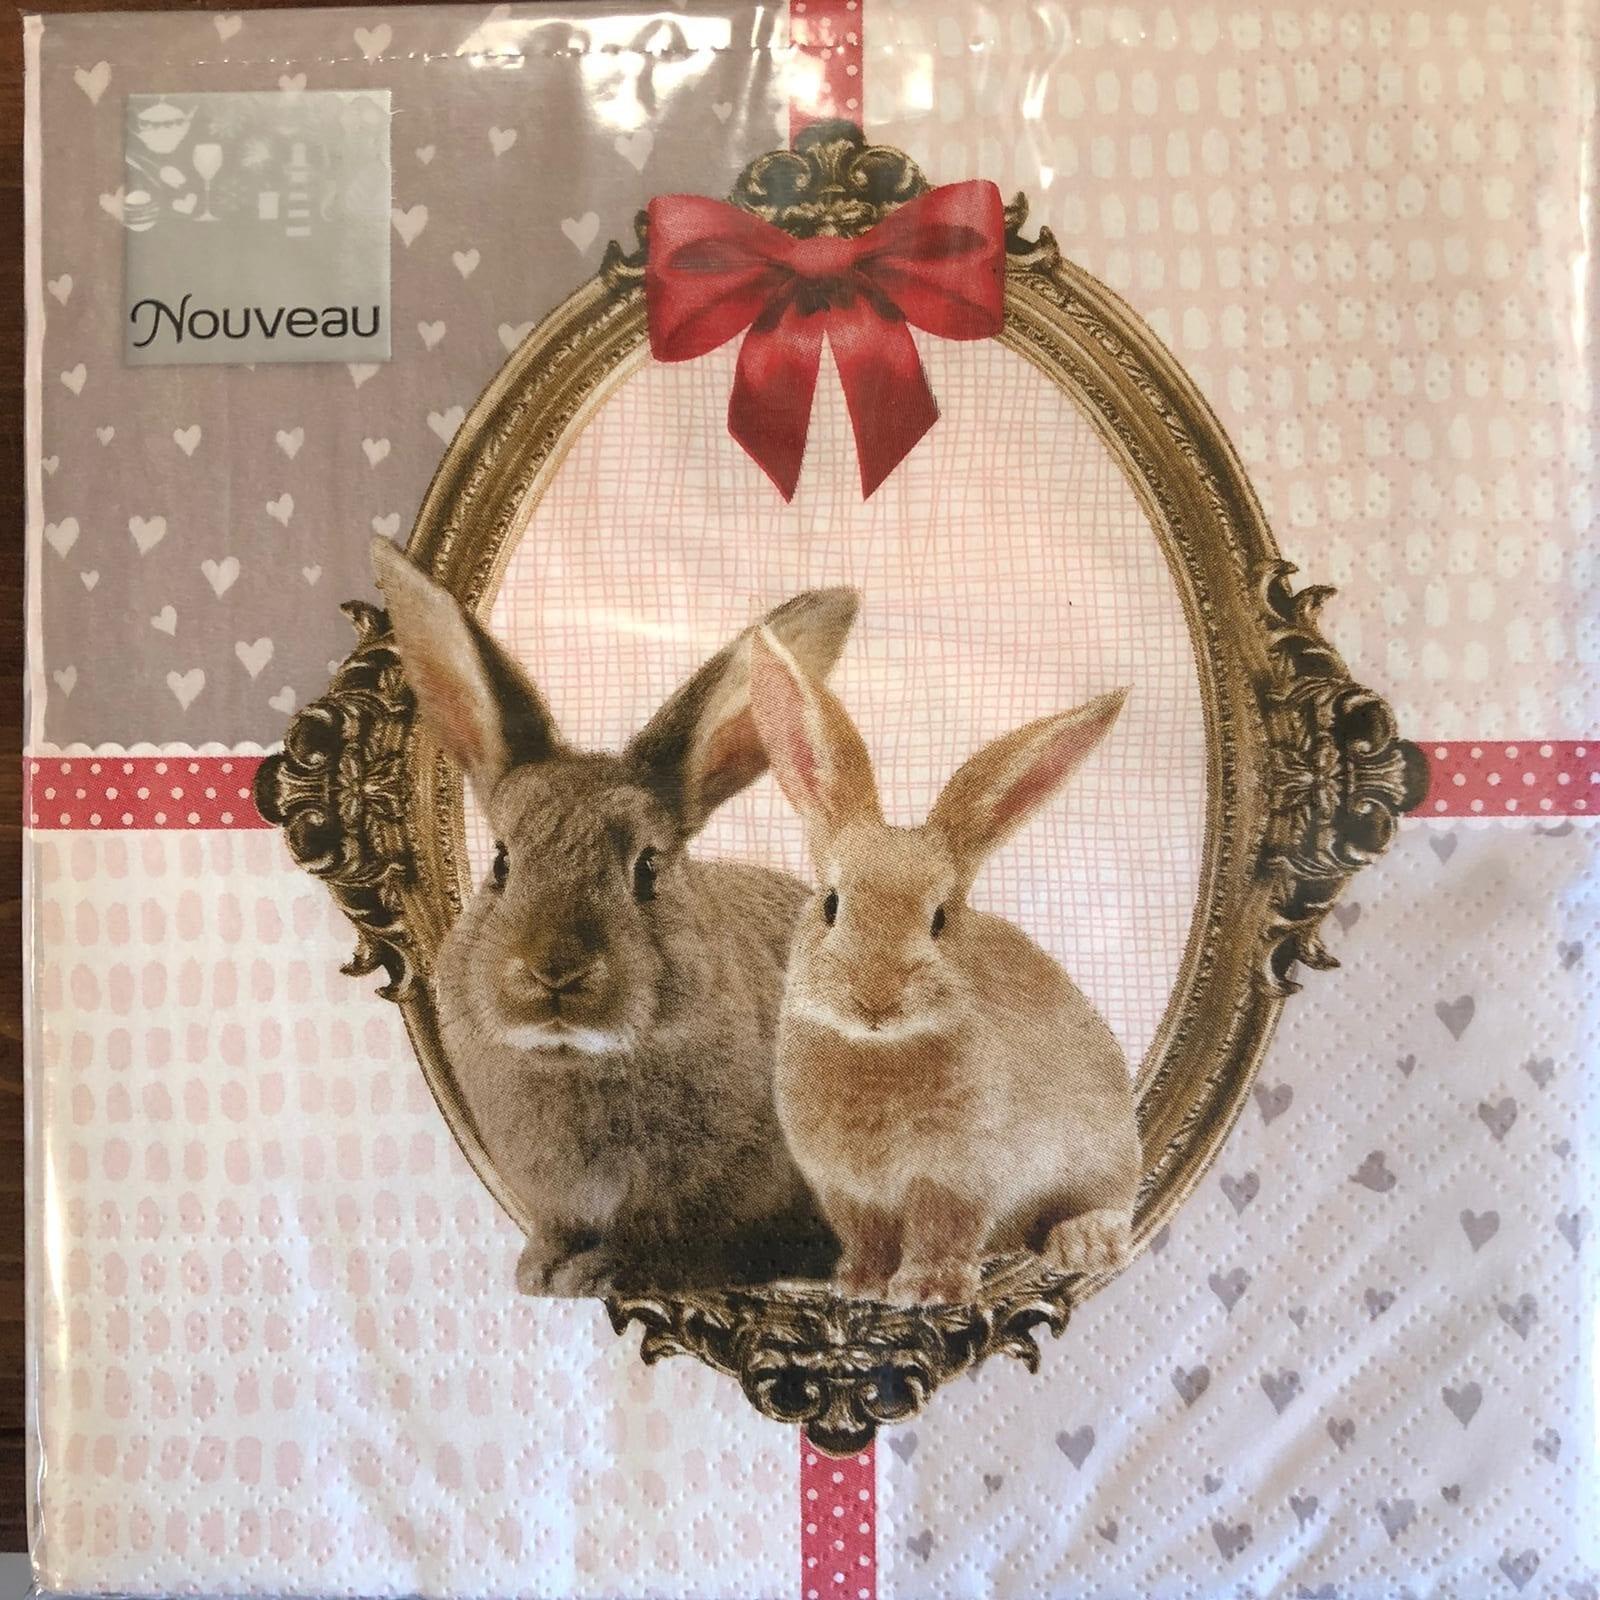 Tovaglioli di carta 3 veli – Conigli e fiocchi rossi